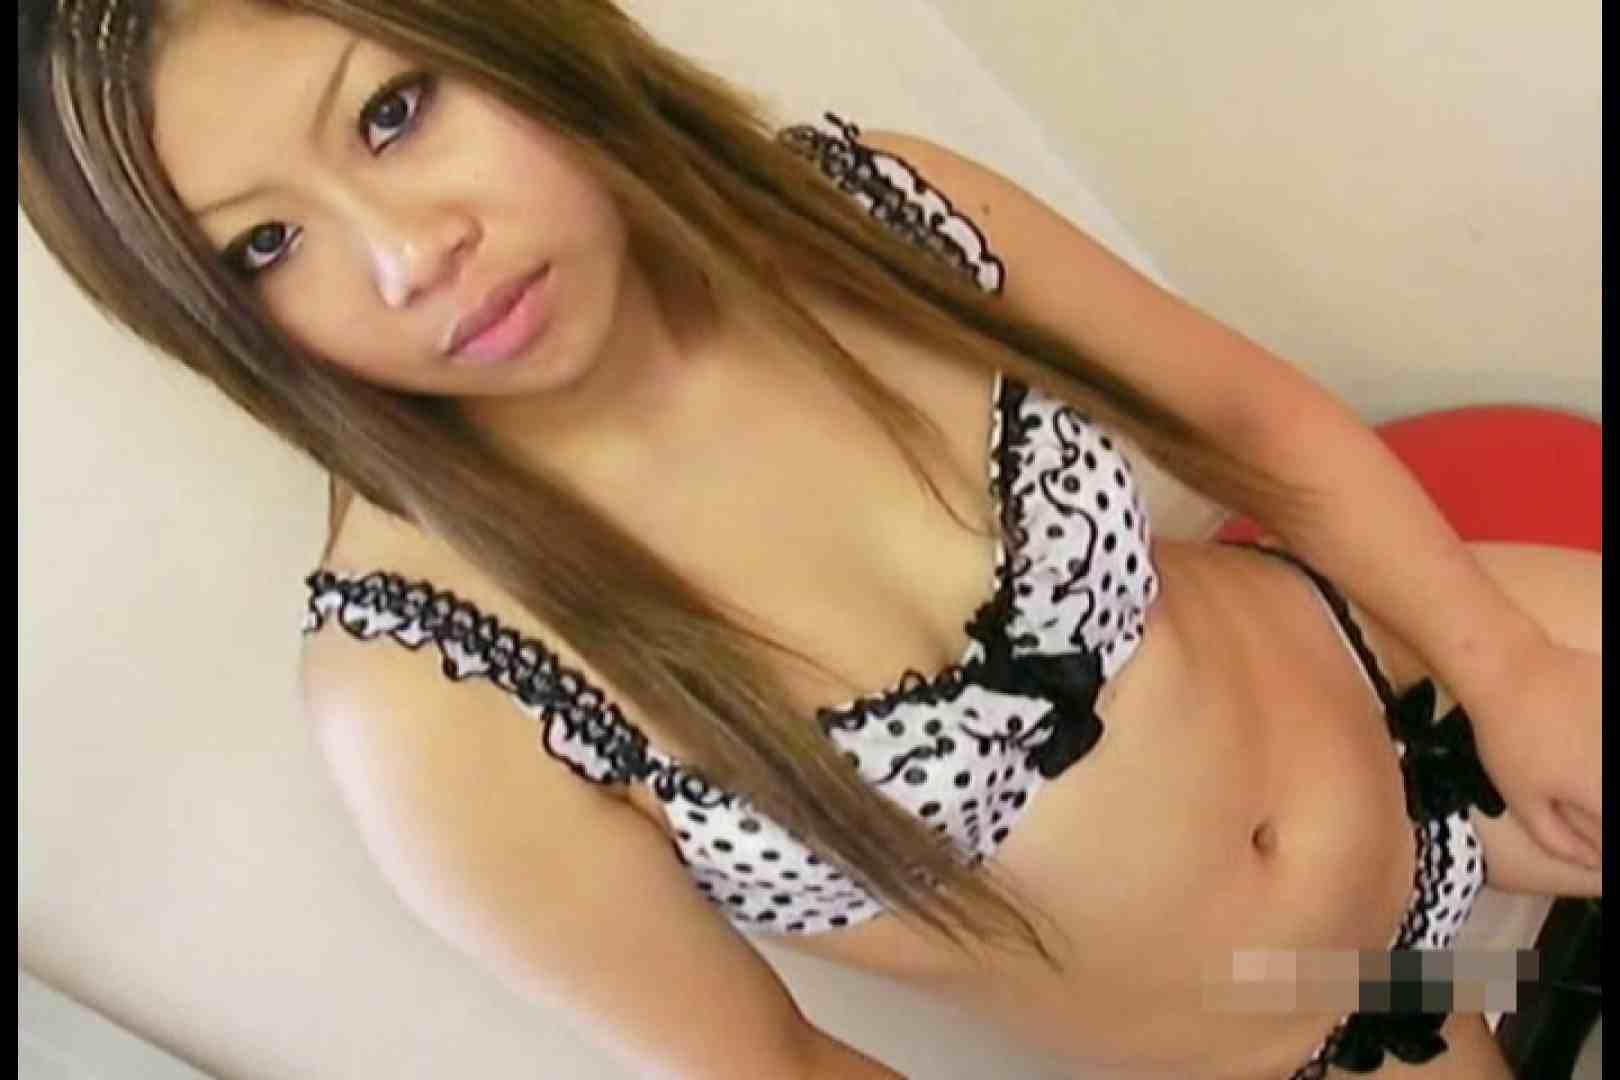 素人撮影 下着だけの撮影のはずが・・・幸子18歳 水着 すけべAV動画紹介 71PIX 31